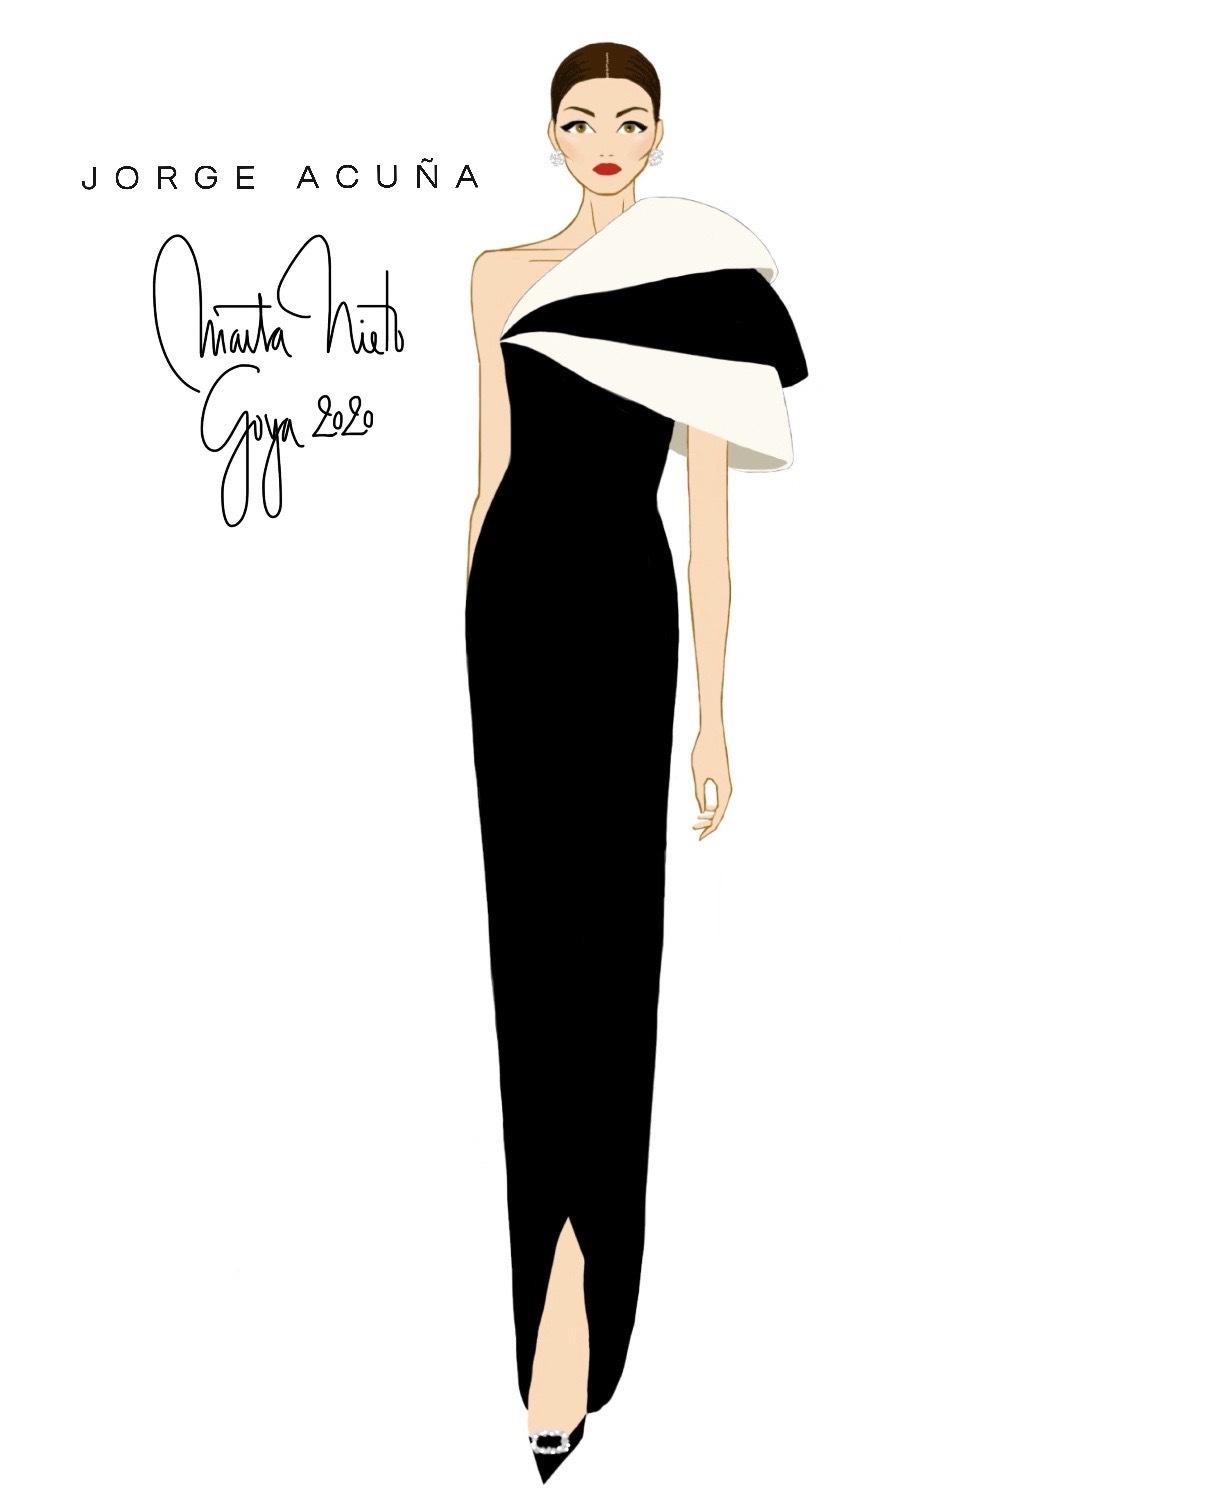 Boceto del diseño de Jorge Acuña para Marta Nieto en terciopelo...